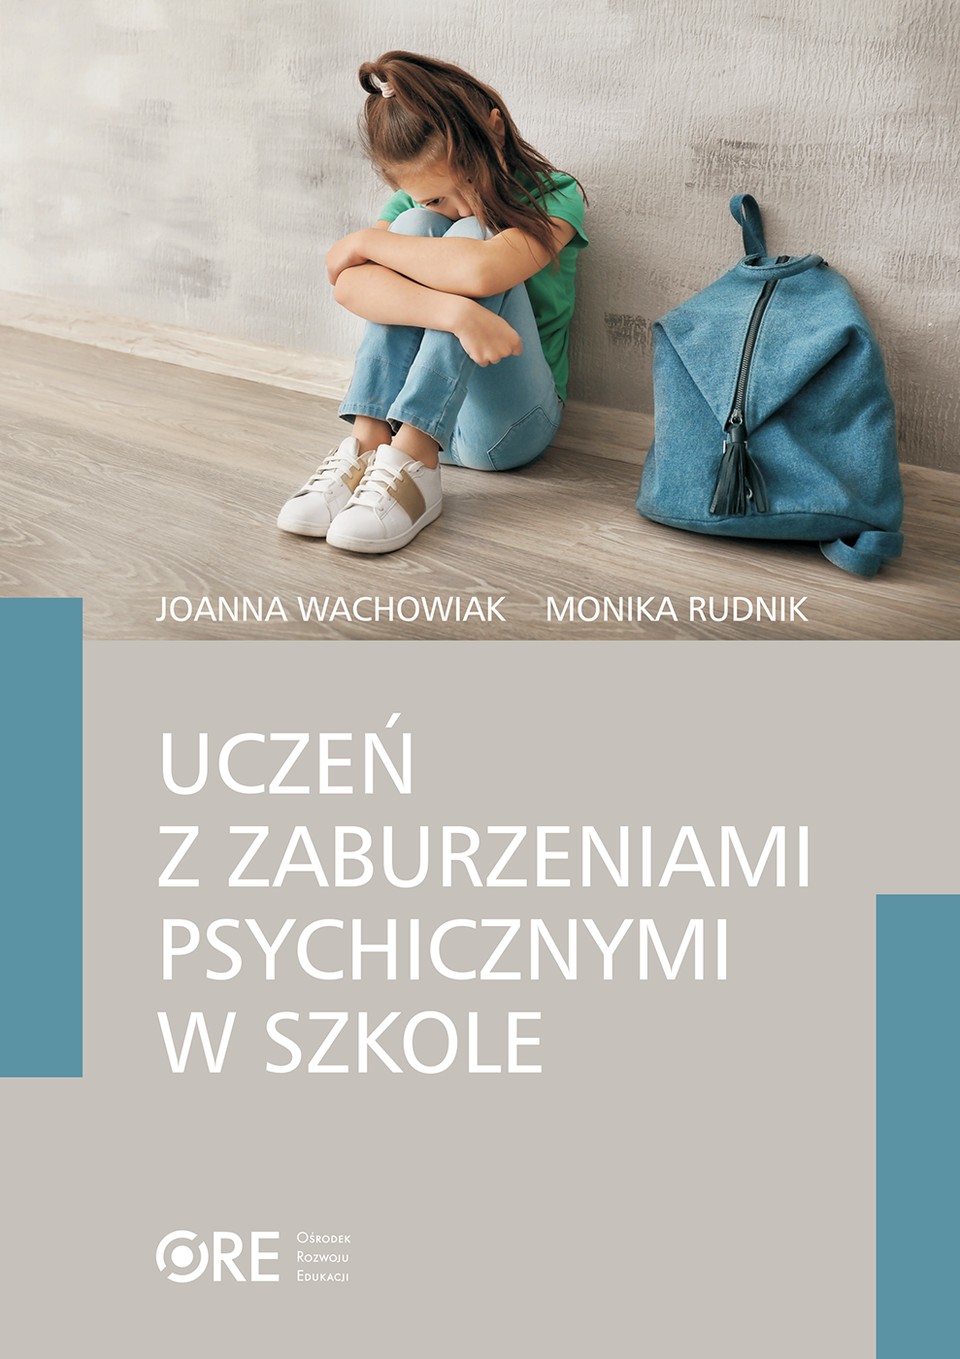 Pobierz plik: Uczen_z_zaburzeniami_psychicznymi_w_szkole_J.Wachowiak_M.Rudnik (1).pdf